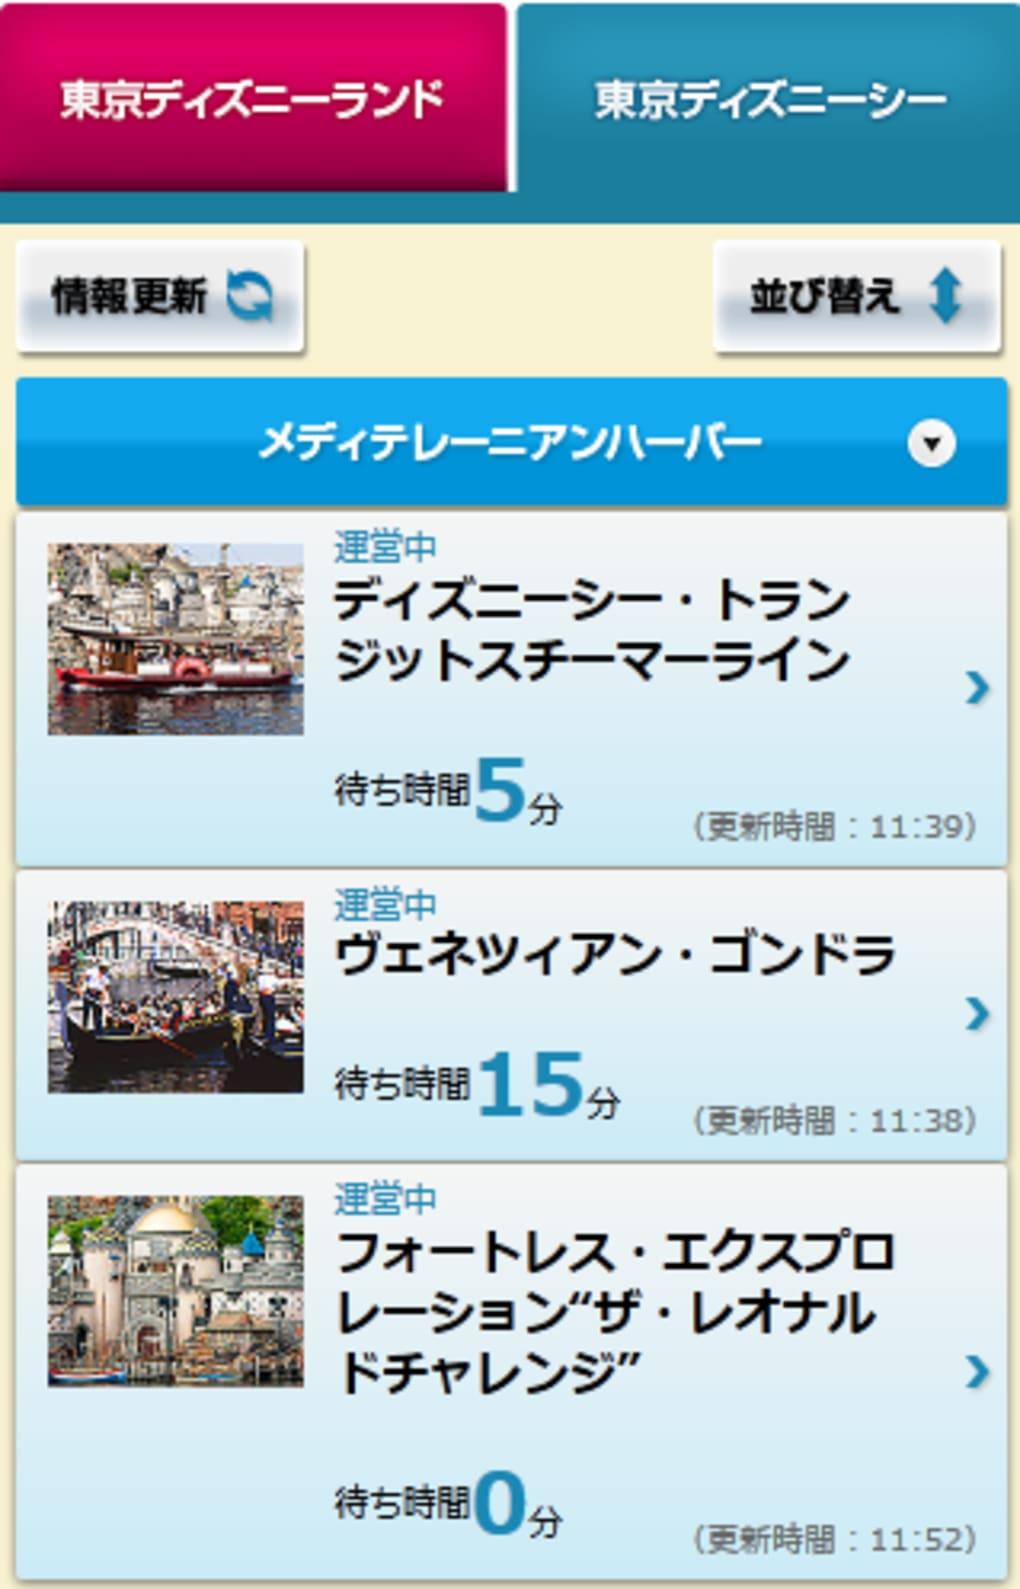 東京ディズニーリゾート・オフィシャルウェブサイト online